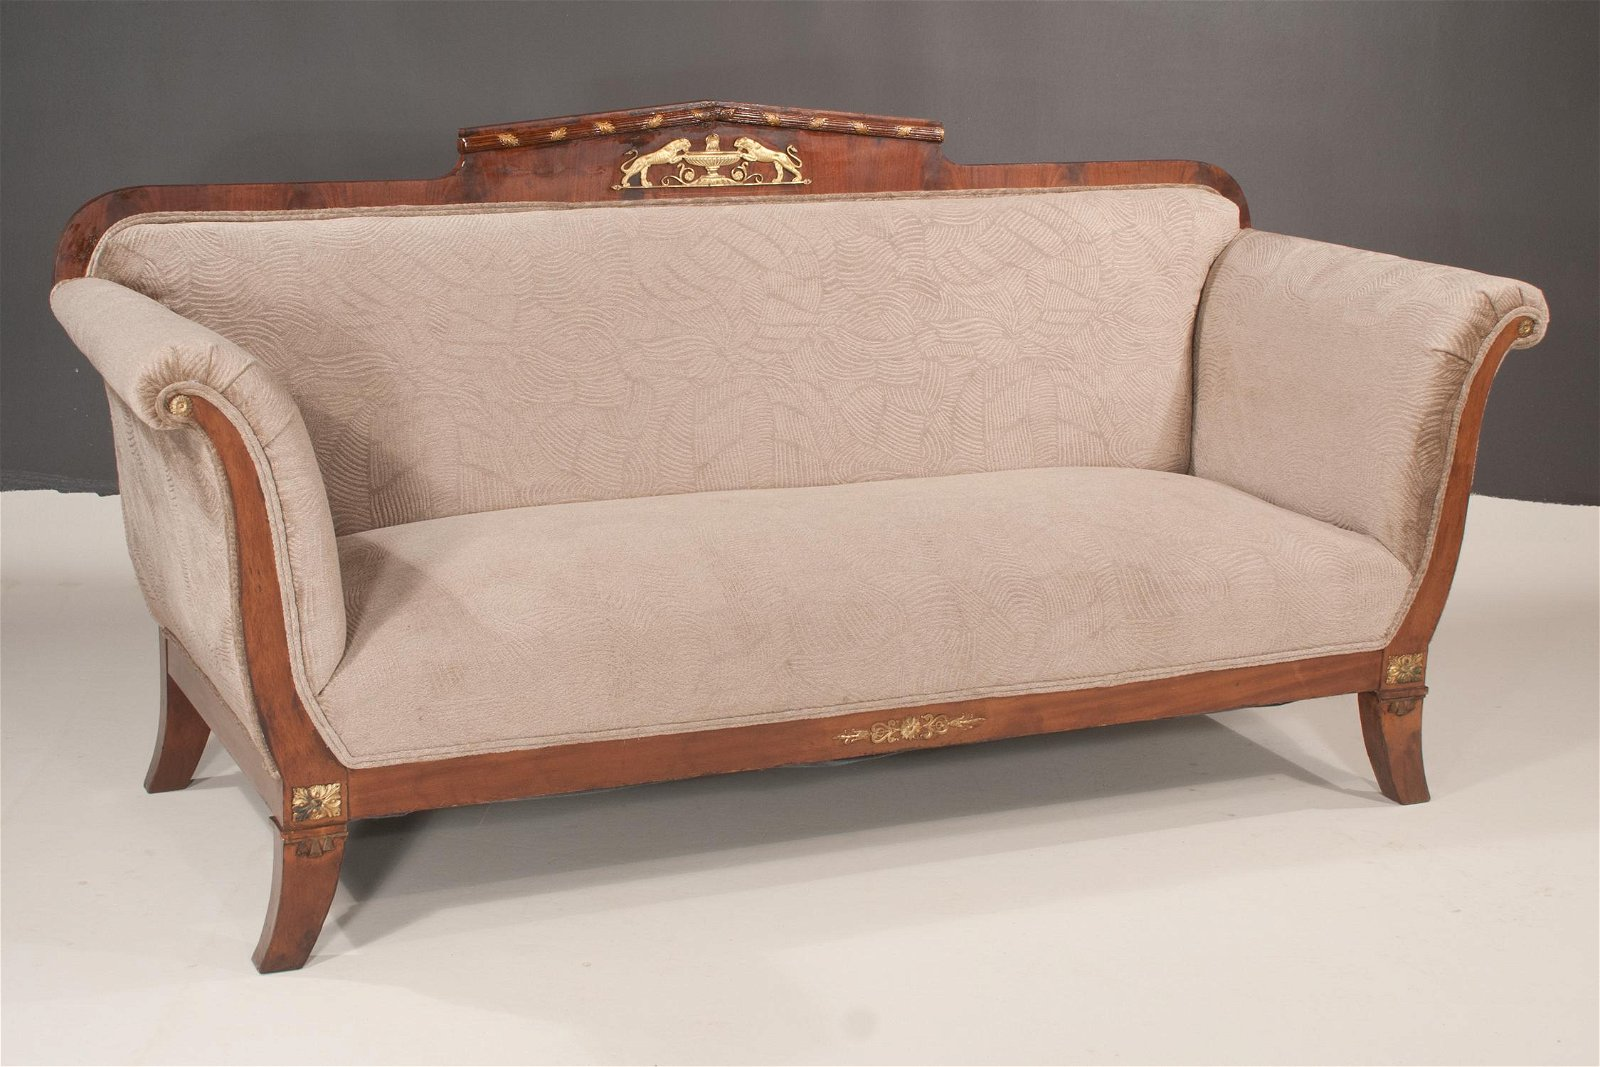 Empire mahogany sofa